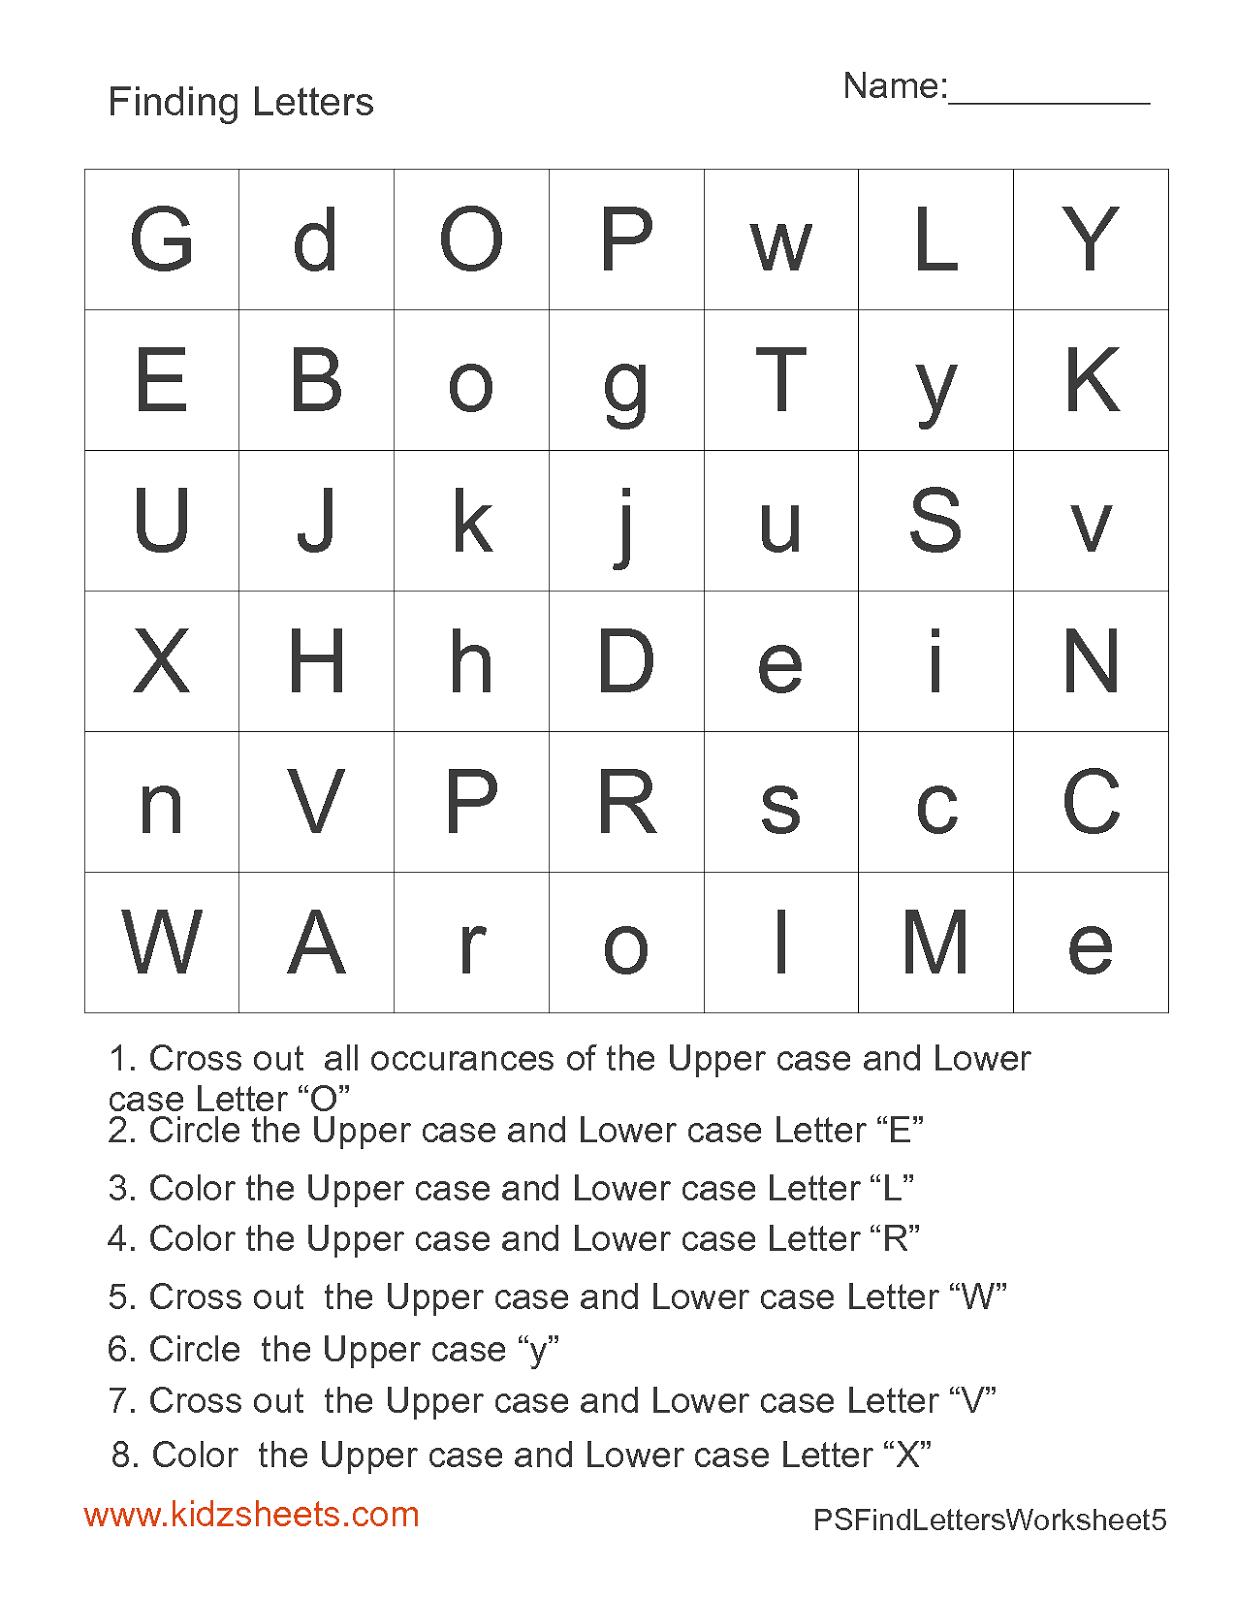 Free Printable Preschool Worksheets, Free Worksheets, Kids Maths ...